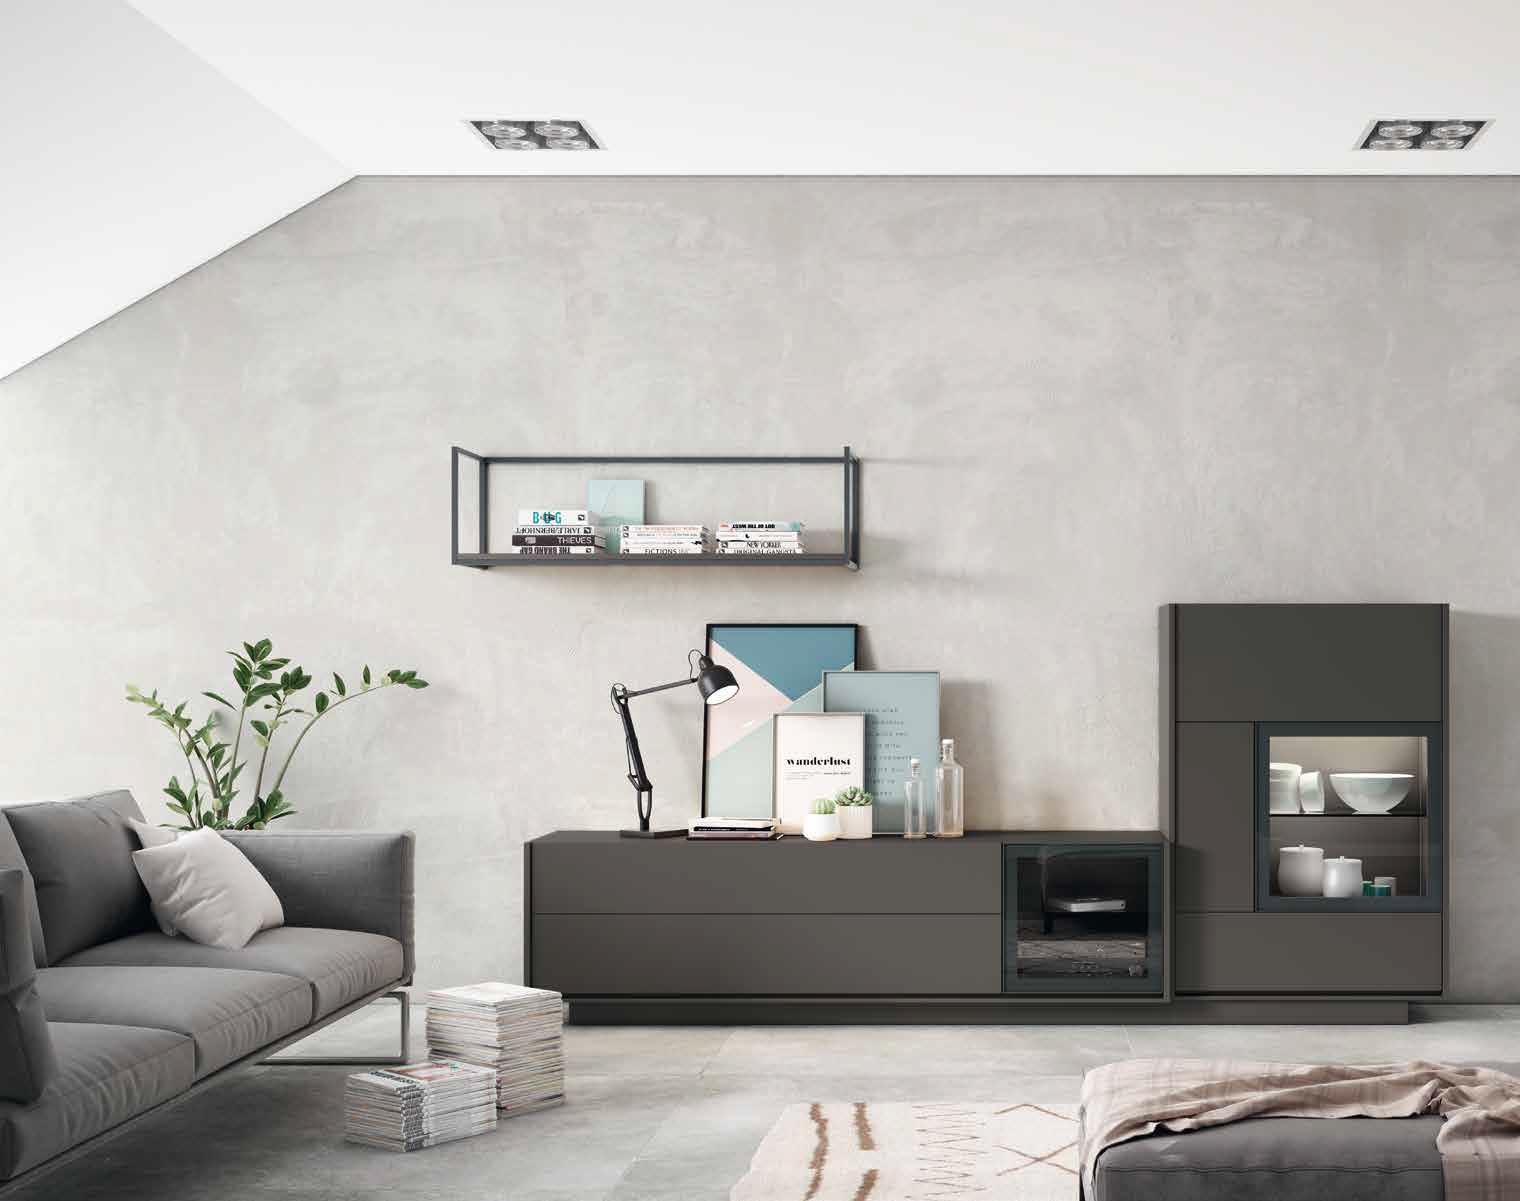 salon-moderno-Nativ-2019-muebles-paco-caballero-0920-5c8ceaa287782